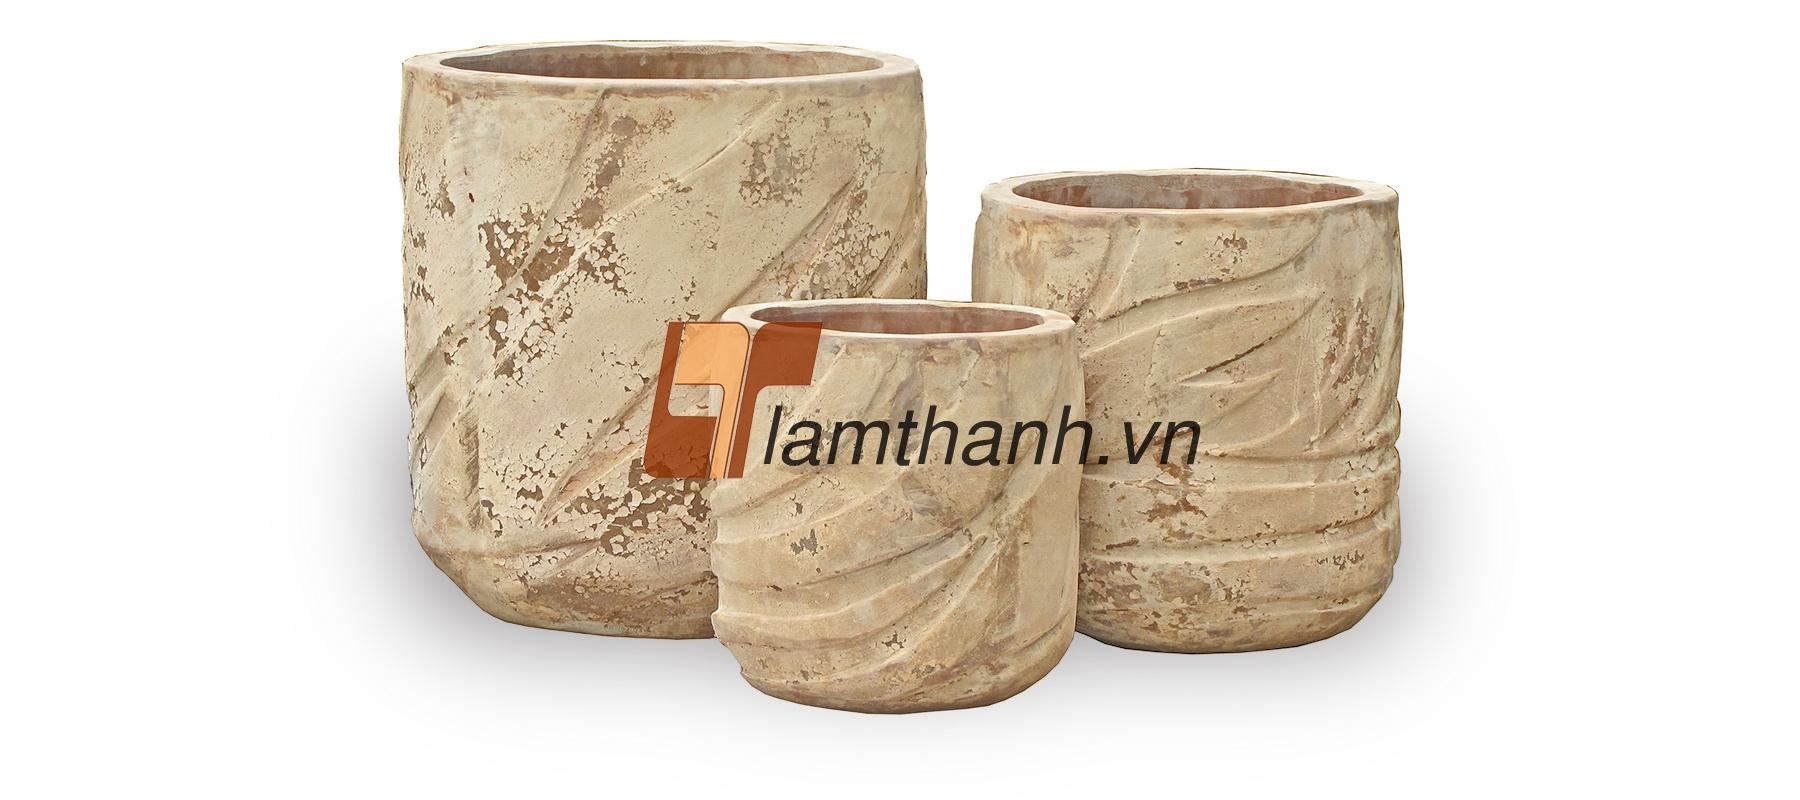 vietnam pottery vietnam terracotta01